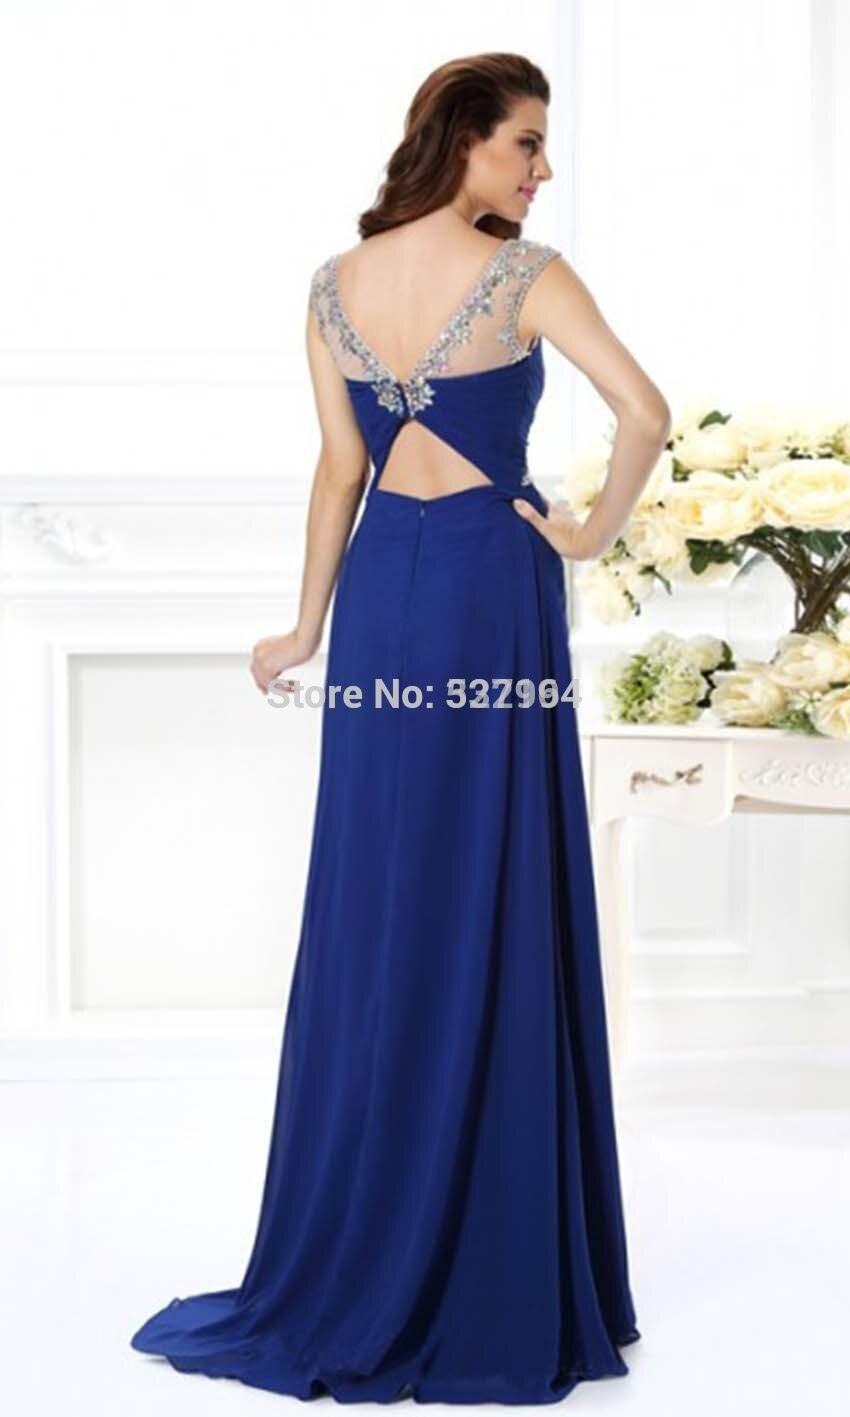 17 Fantastisch One Shoulder Abendkleid Lang Vertrieb Ausgezeichnet One Shoulder Abendkleid Lang Galerie